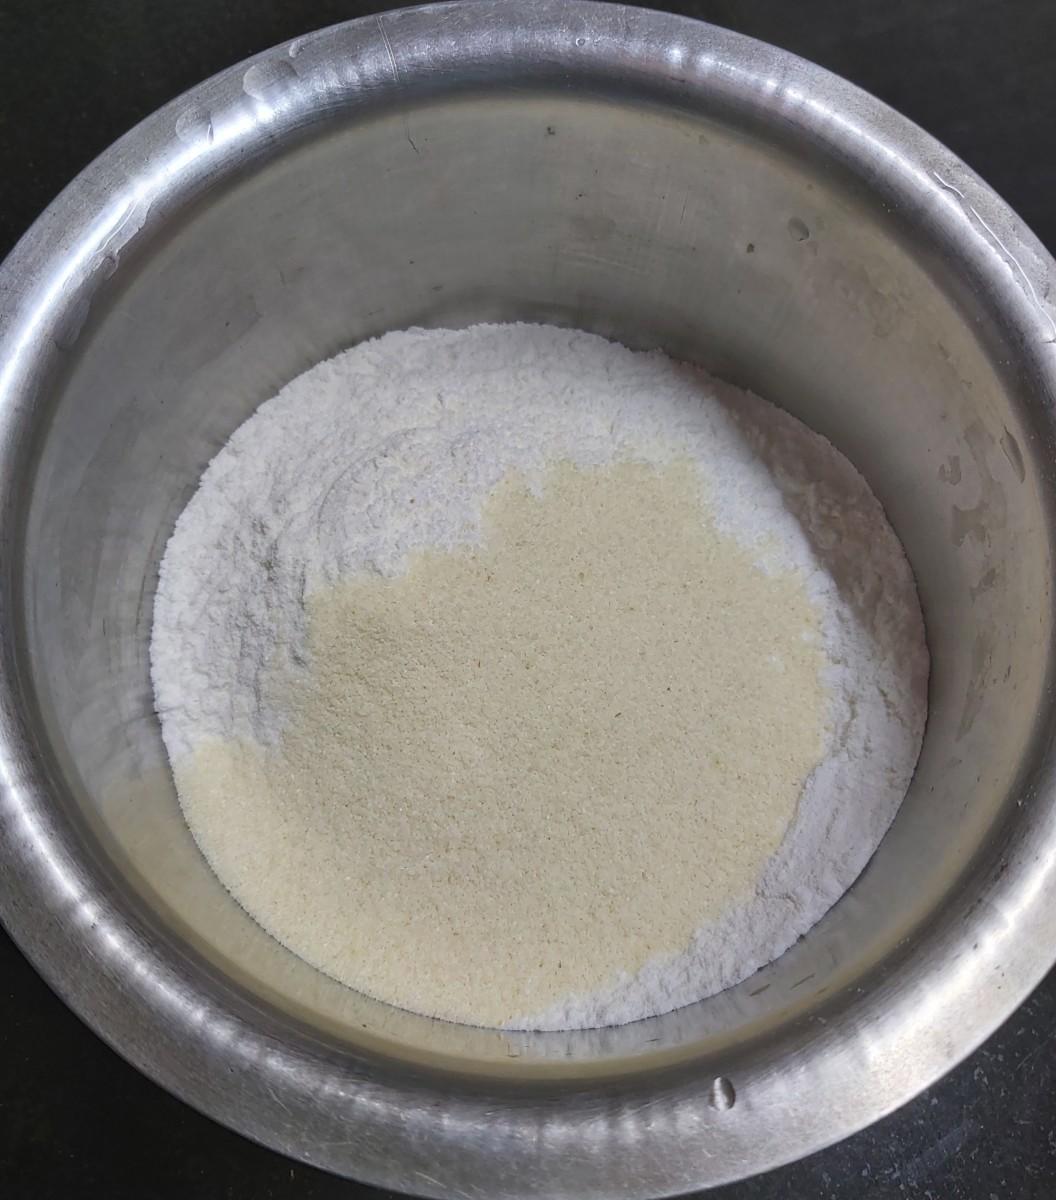 Add the semolina (or suji or cream of wheat).